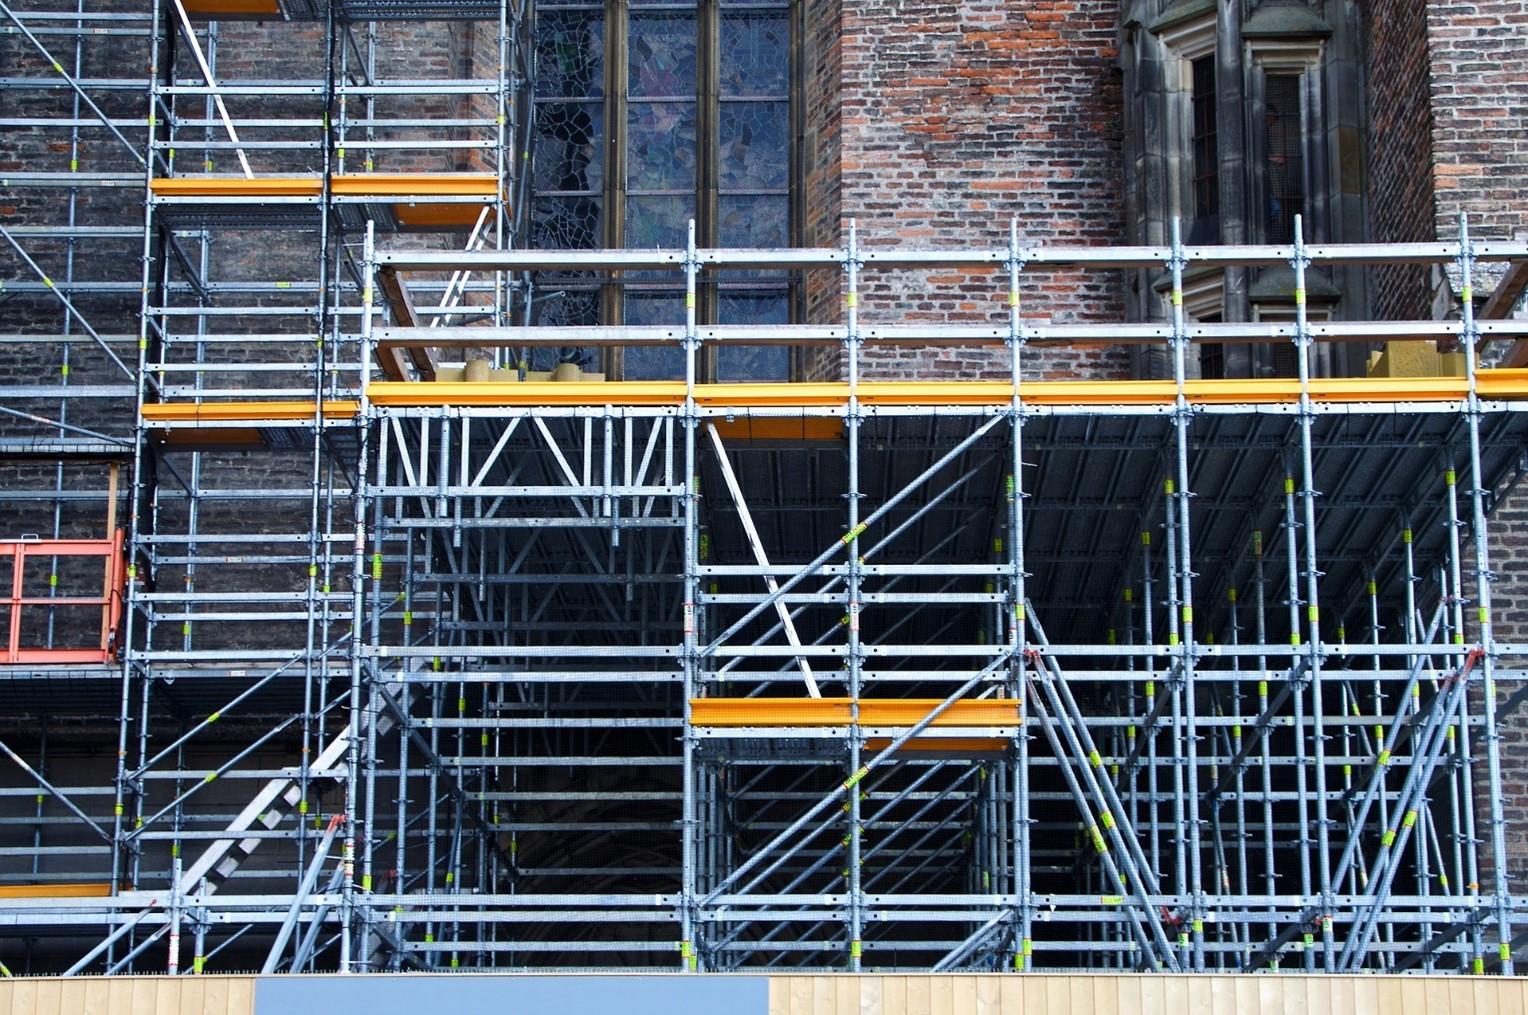 Ratgeber Immobilien-Sanierung